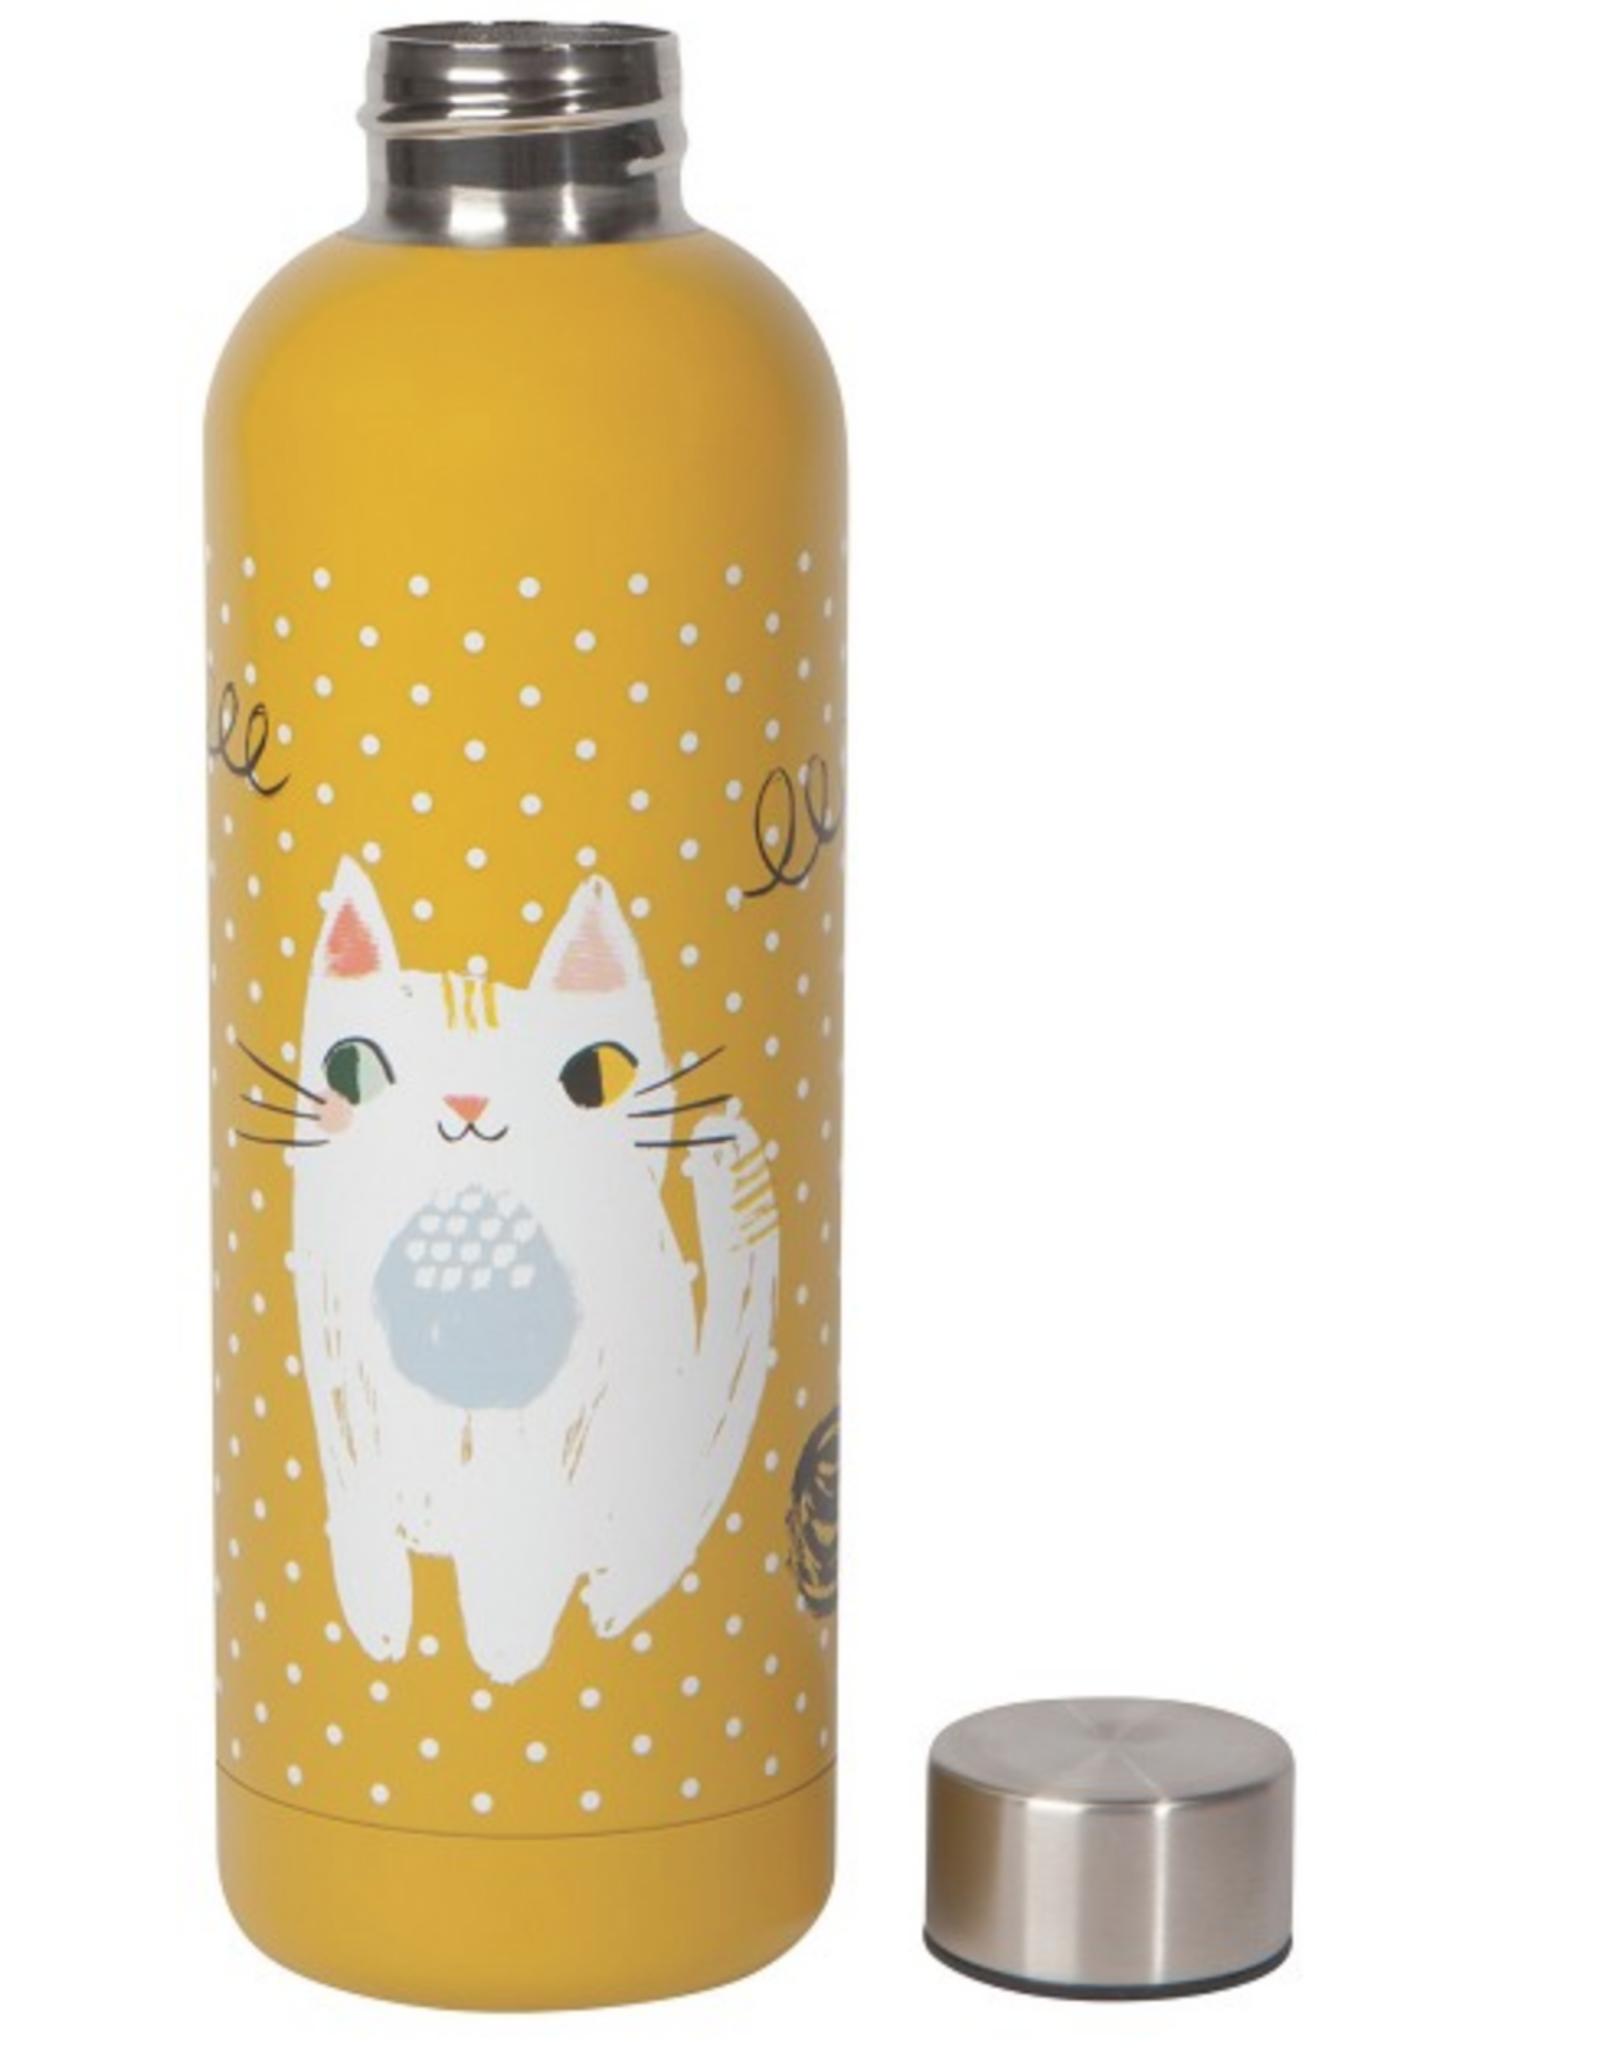 Danica Danica - Meow Meow Water Bottle